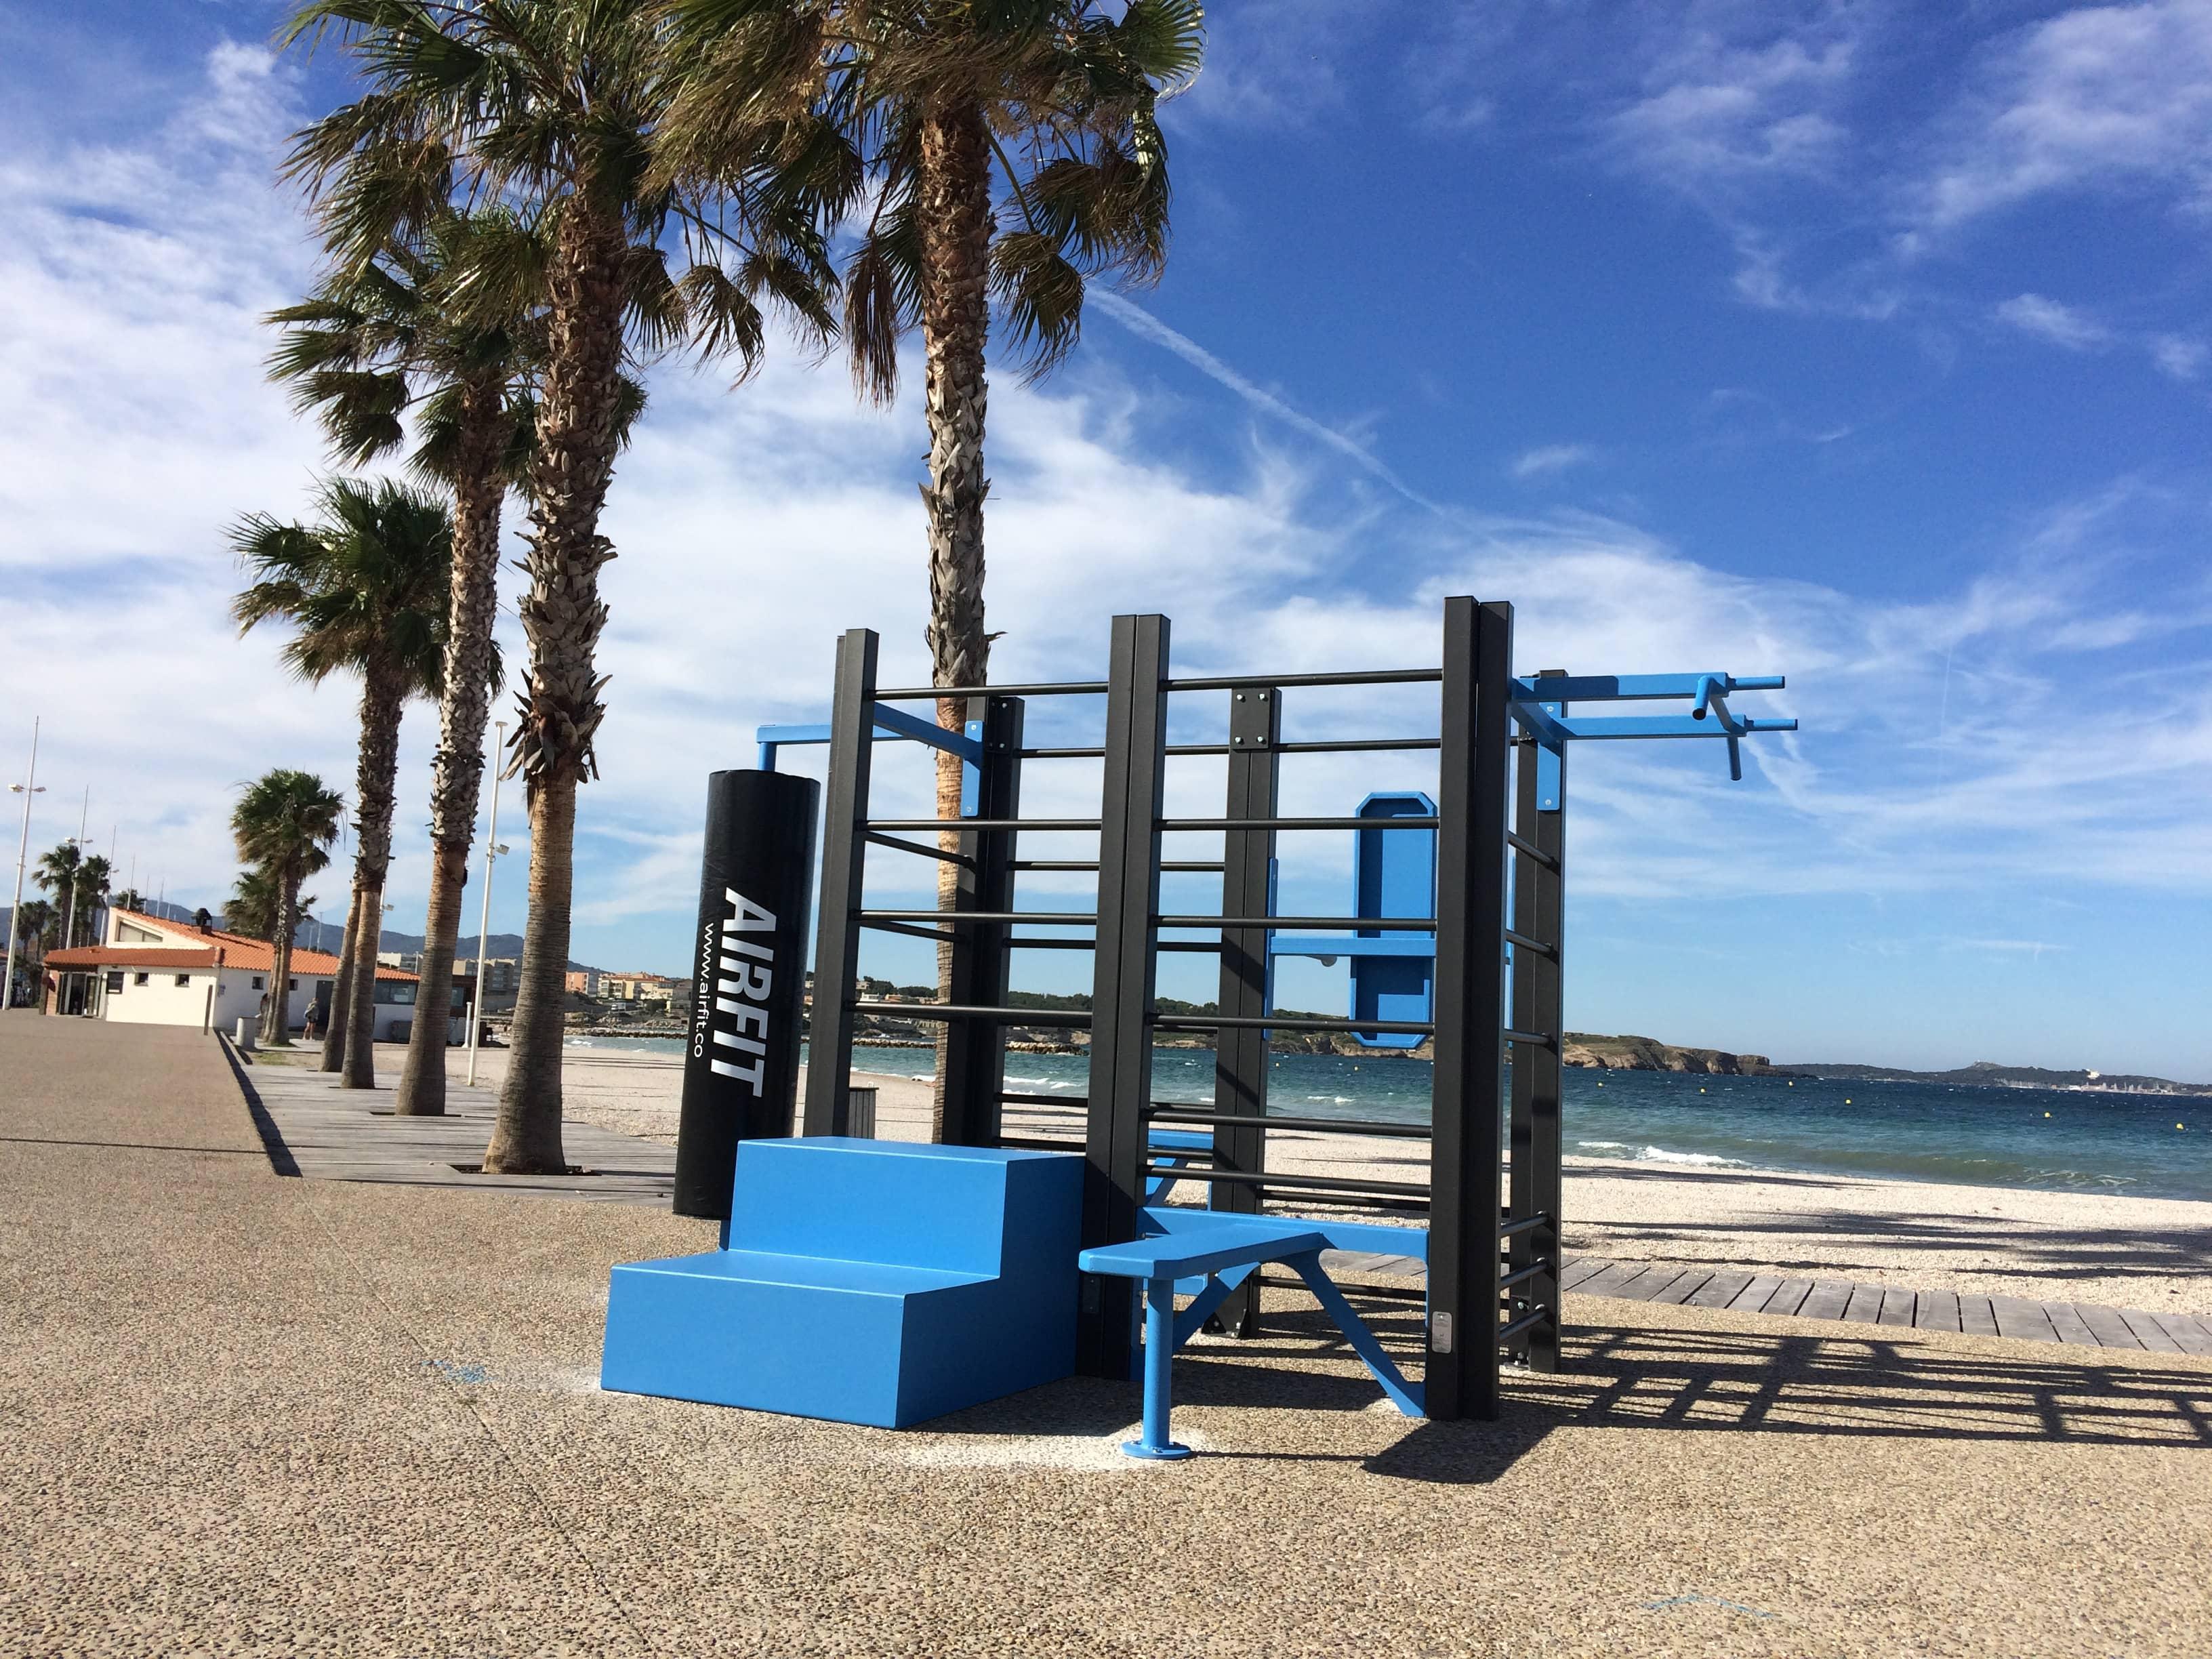 Photo de l'aire de Fitness sur la plage de Bonnegrace à Six-Fours-les-Plages